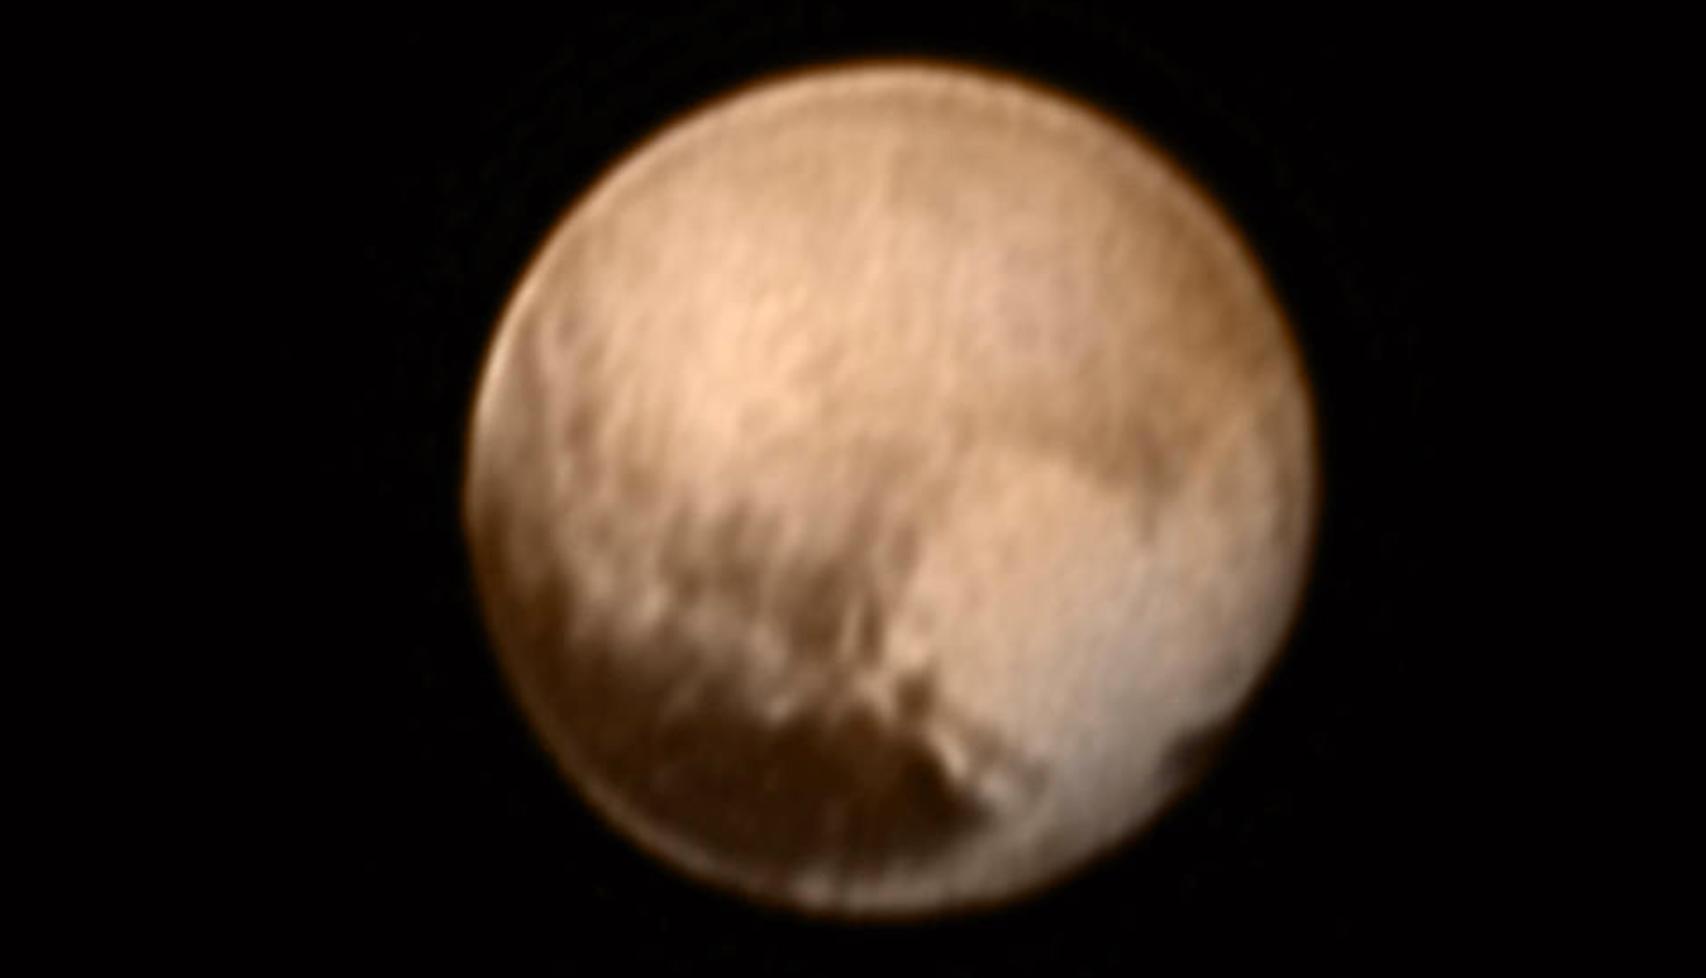 Pierwsze kolorowe zdjęcie Plutona opublikowane kilka dni temu przez NASA.